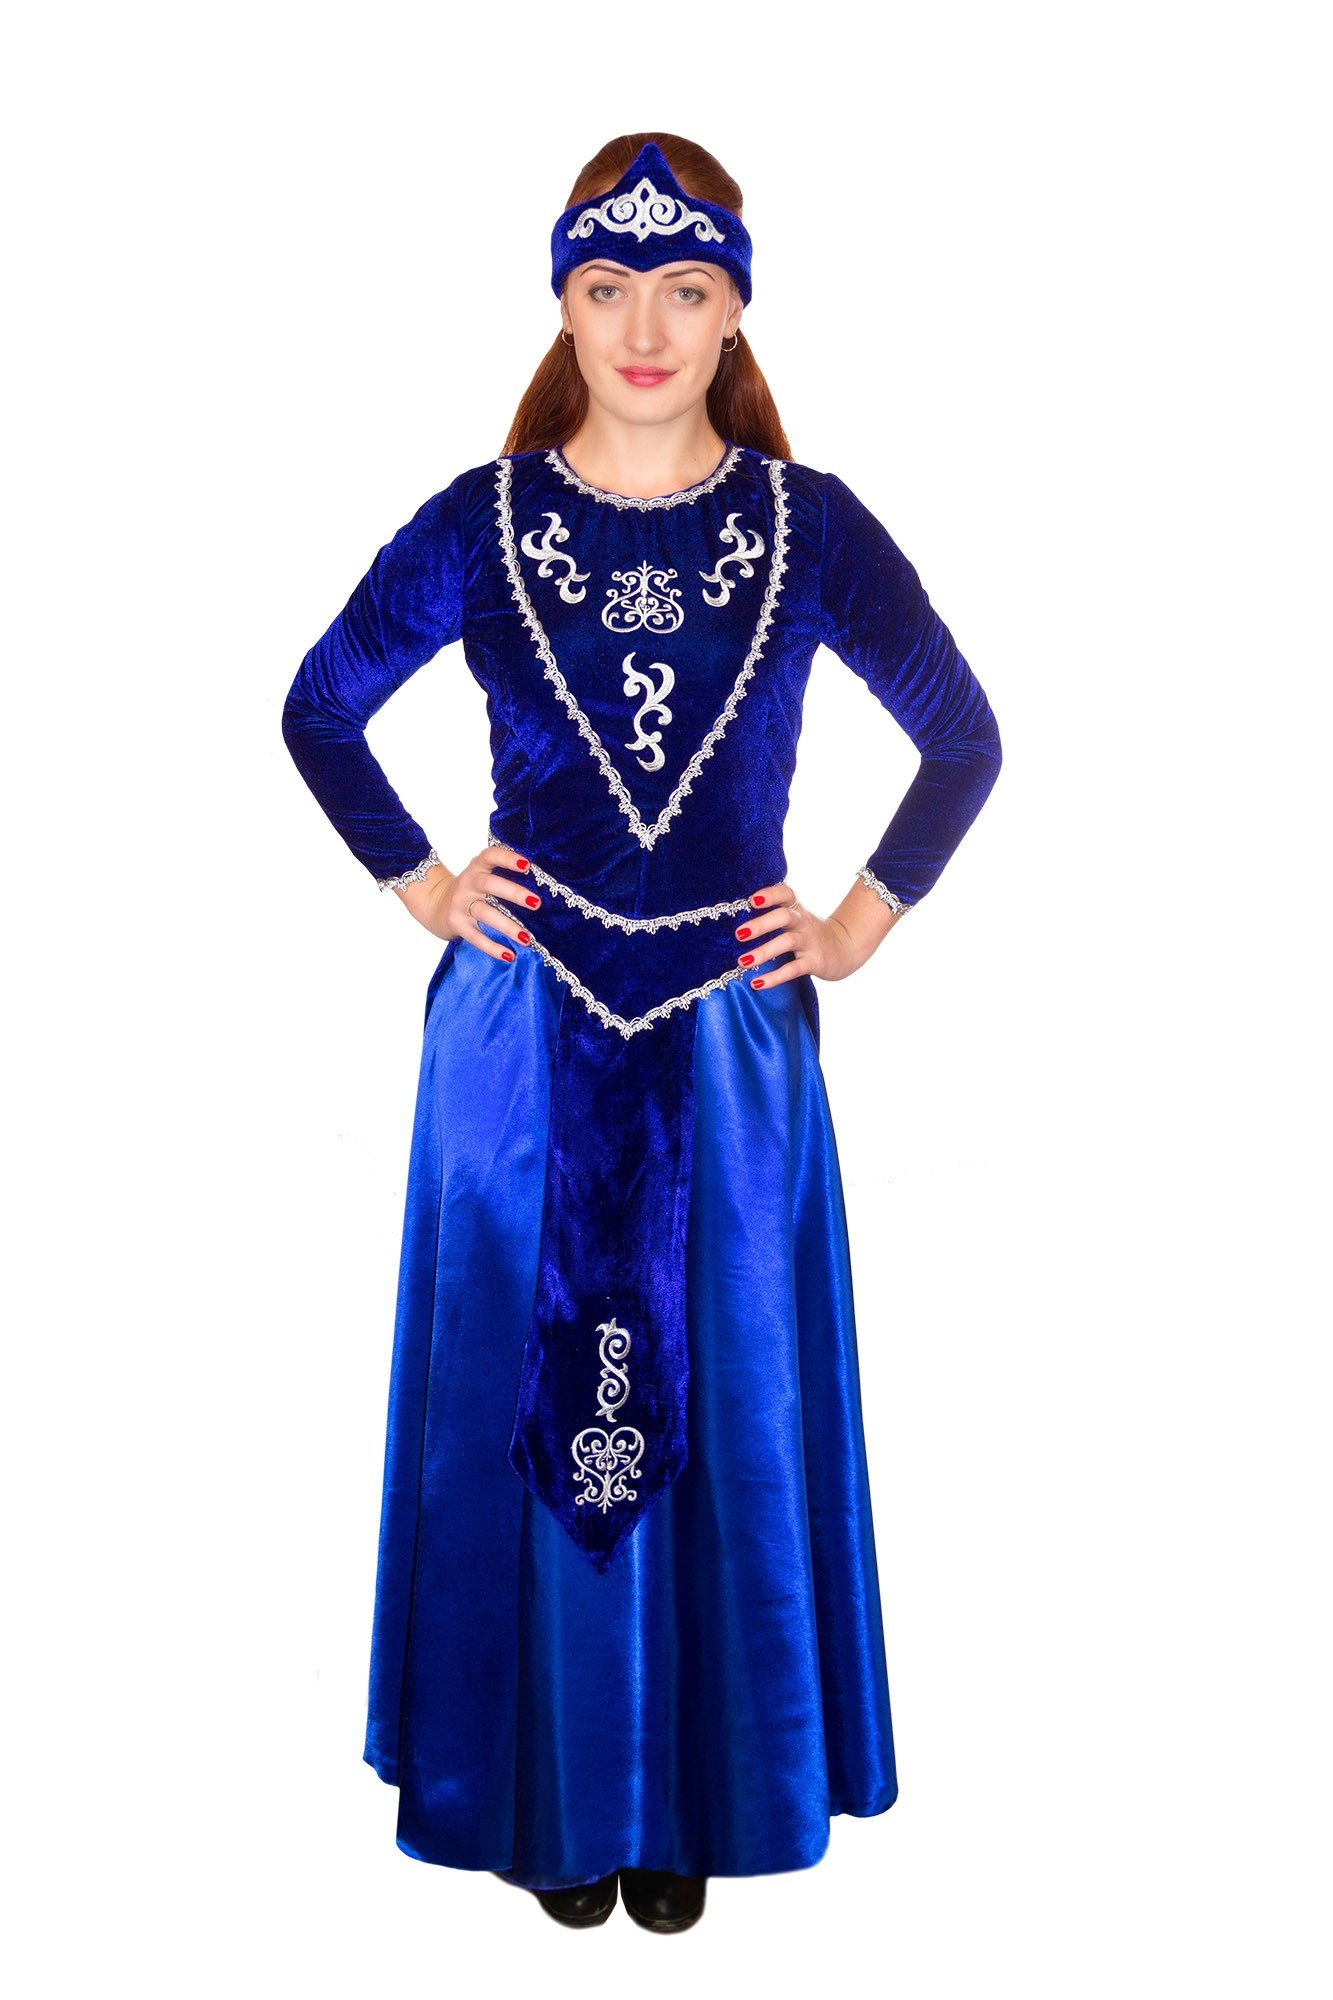 Кавказский национальный костюм (42) купить юбку coast плесе длинную